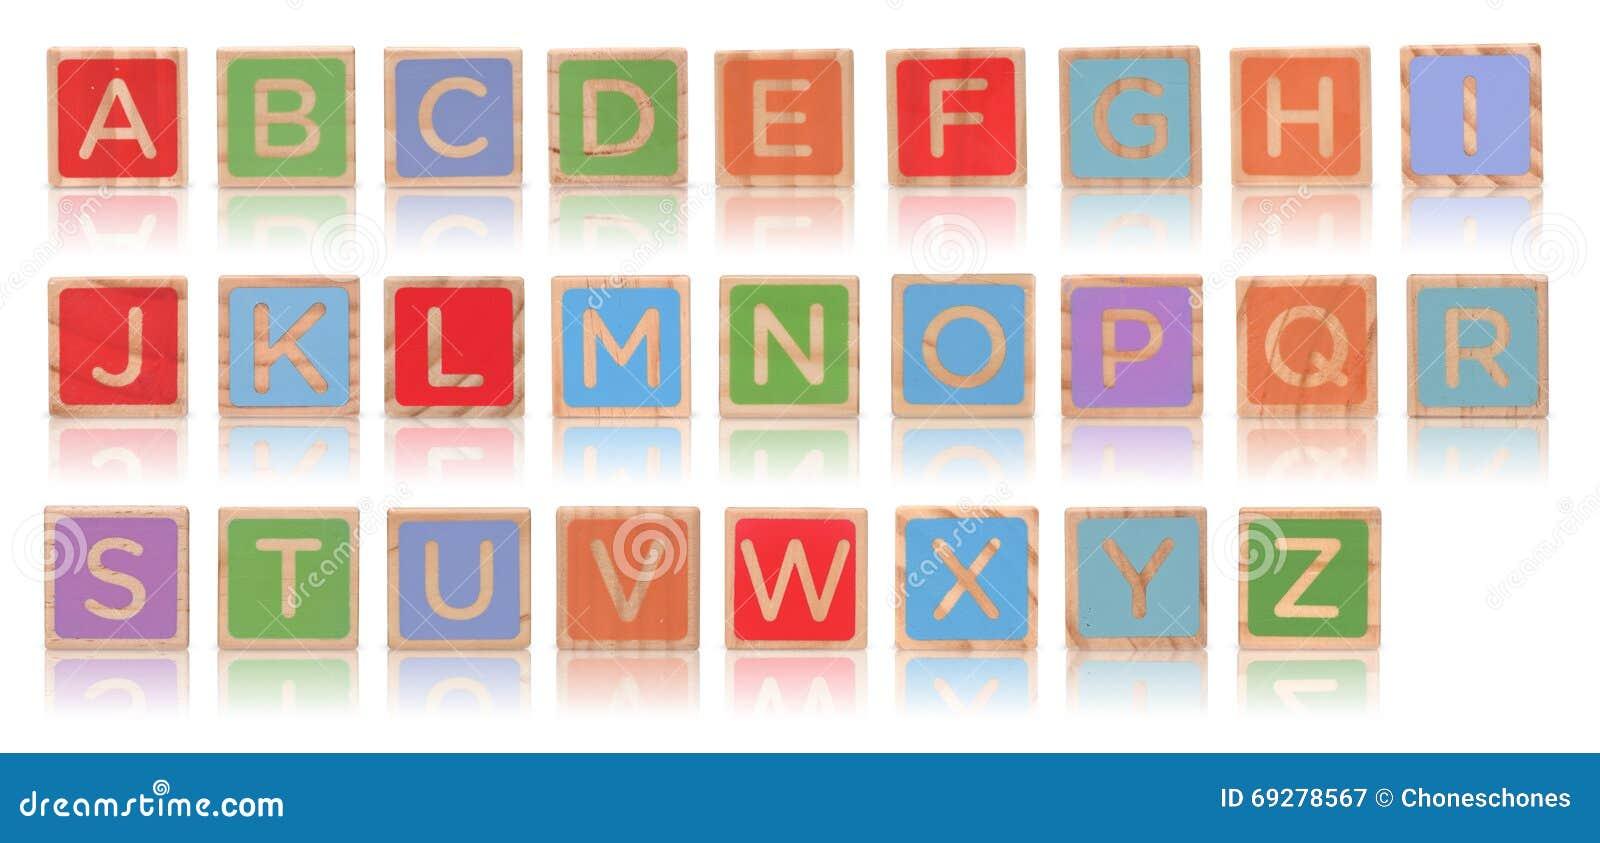 Blocchetti di alfabeto